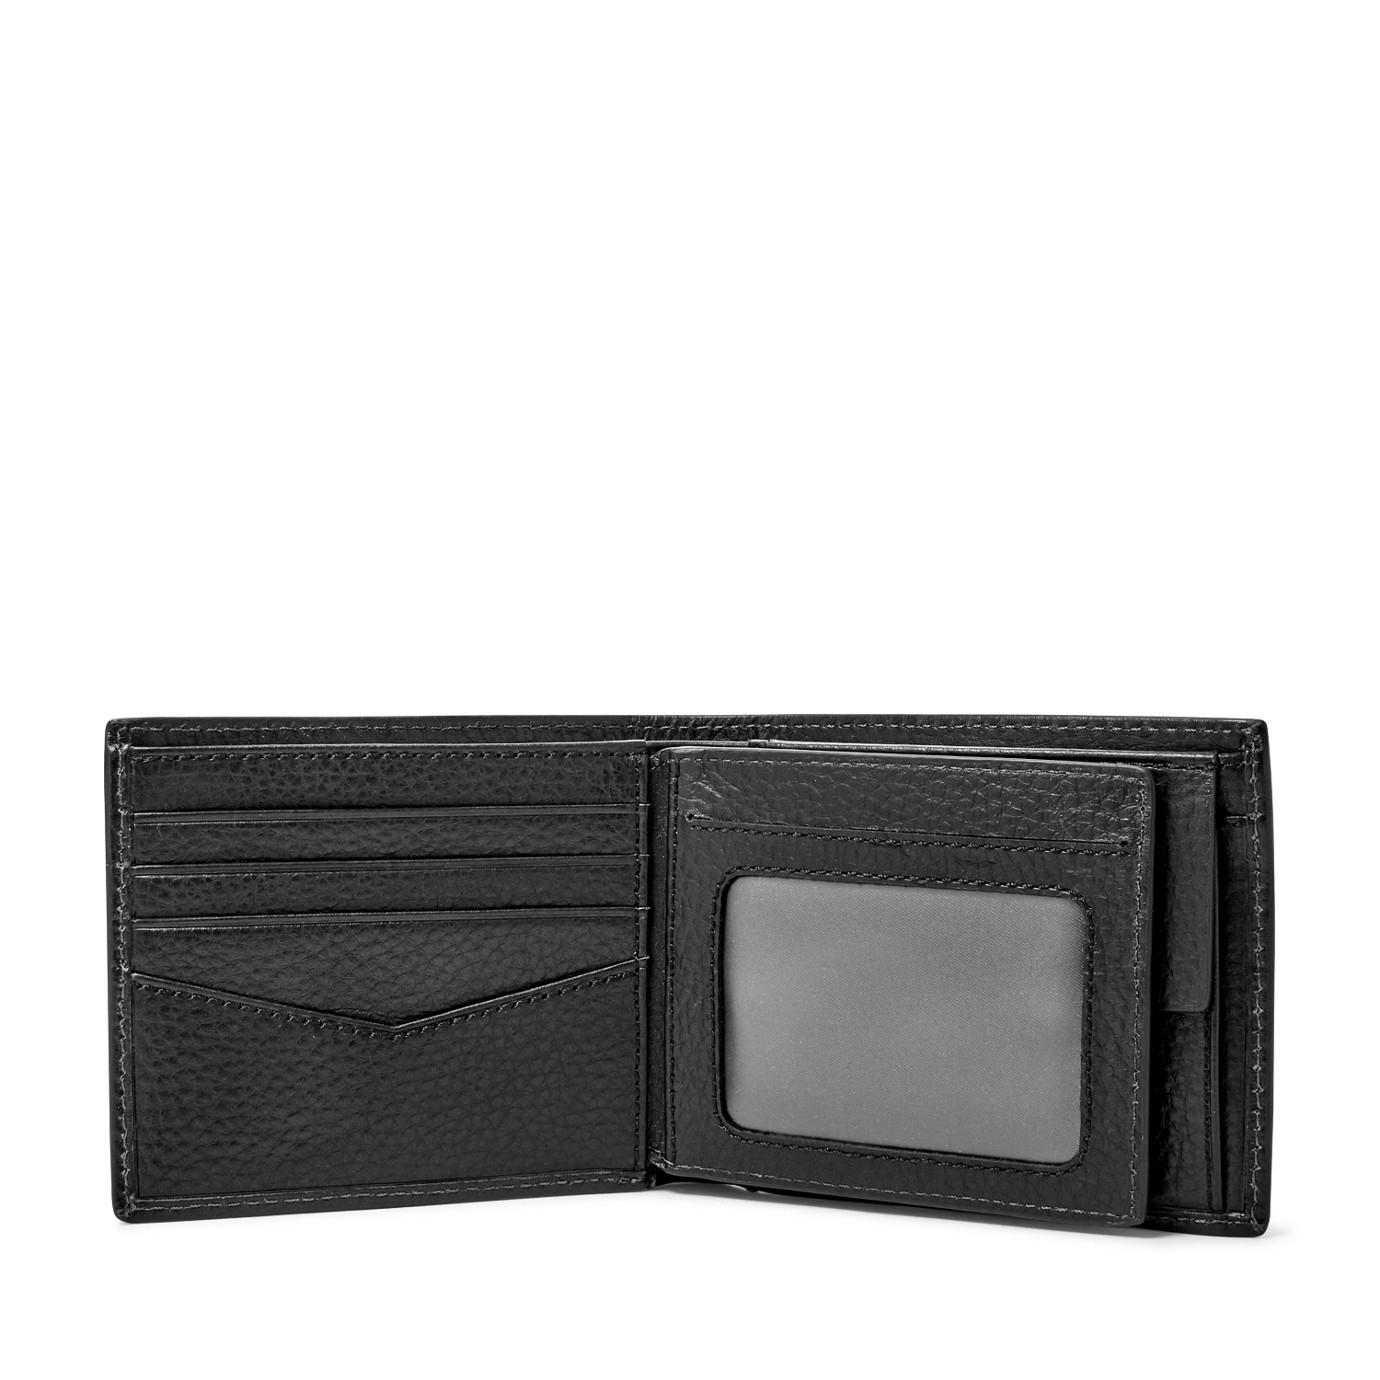 Richard RFID Large Coin Pocket Bifold